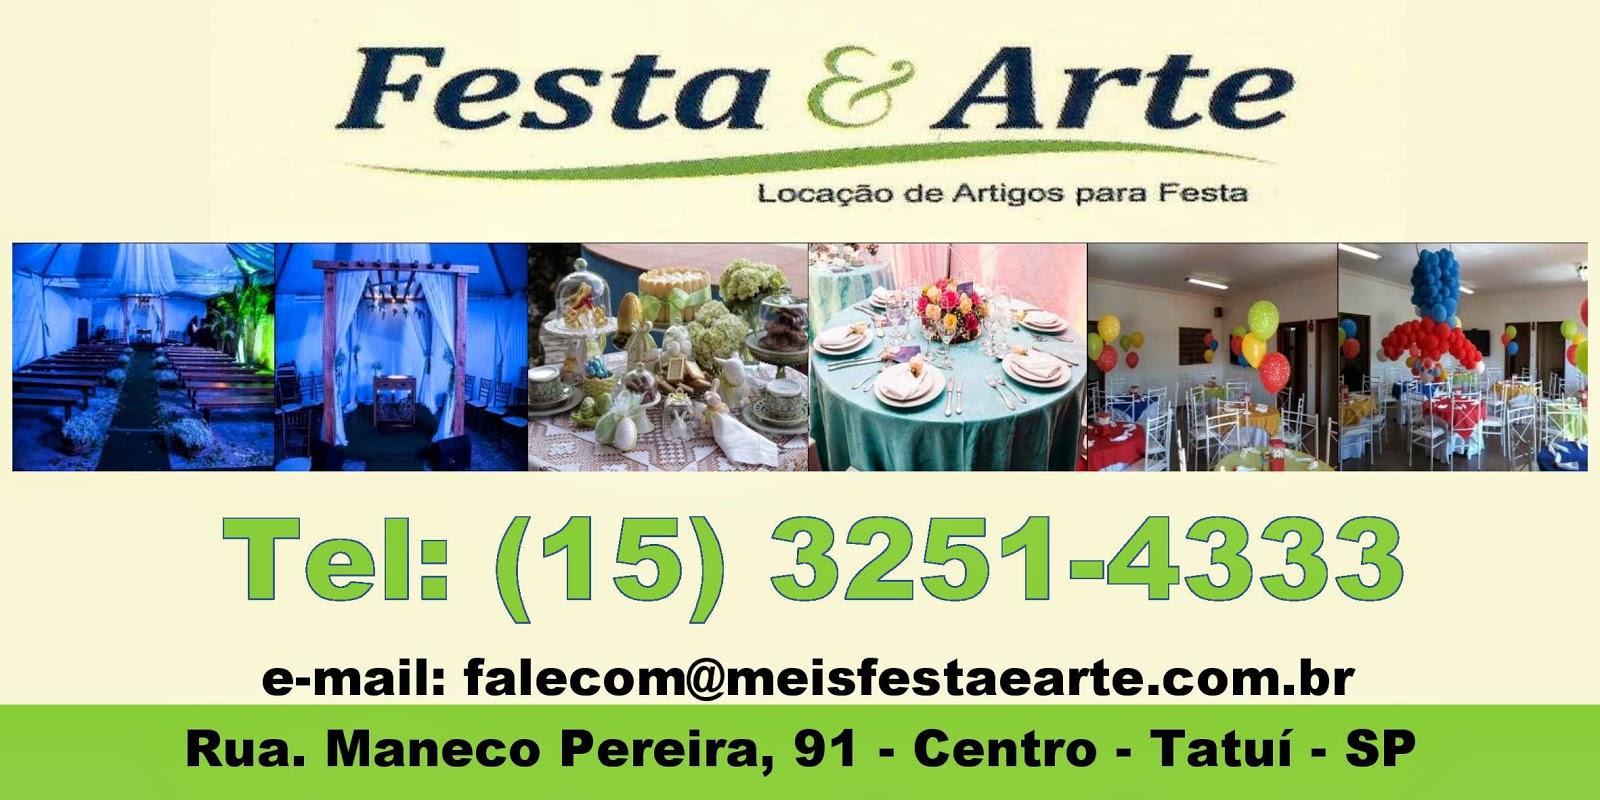 FESTA E ARTE Locação de Artigos para Festa Rua. Maneco Pereira, 91 Centro - Tatuí - SP e-mail: falecom@maisfestaearte.com.br Site: www.maisfestaearte.com.br www.fecebook.com/maisfestaearte tel: (15) 3251-4333